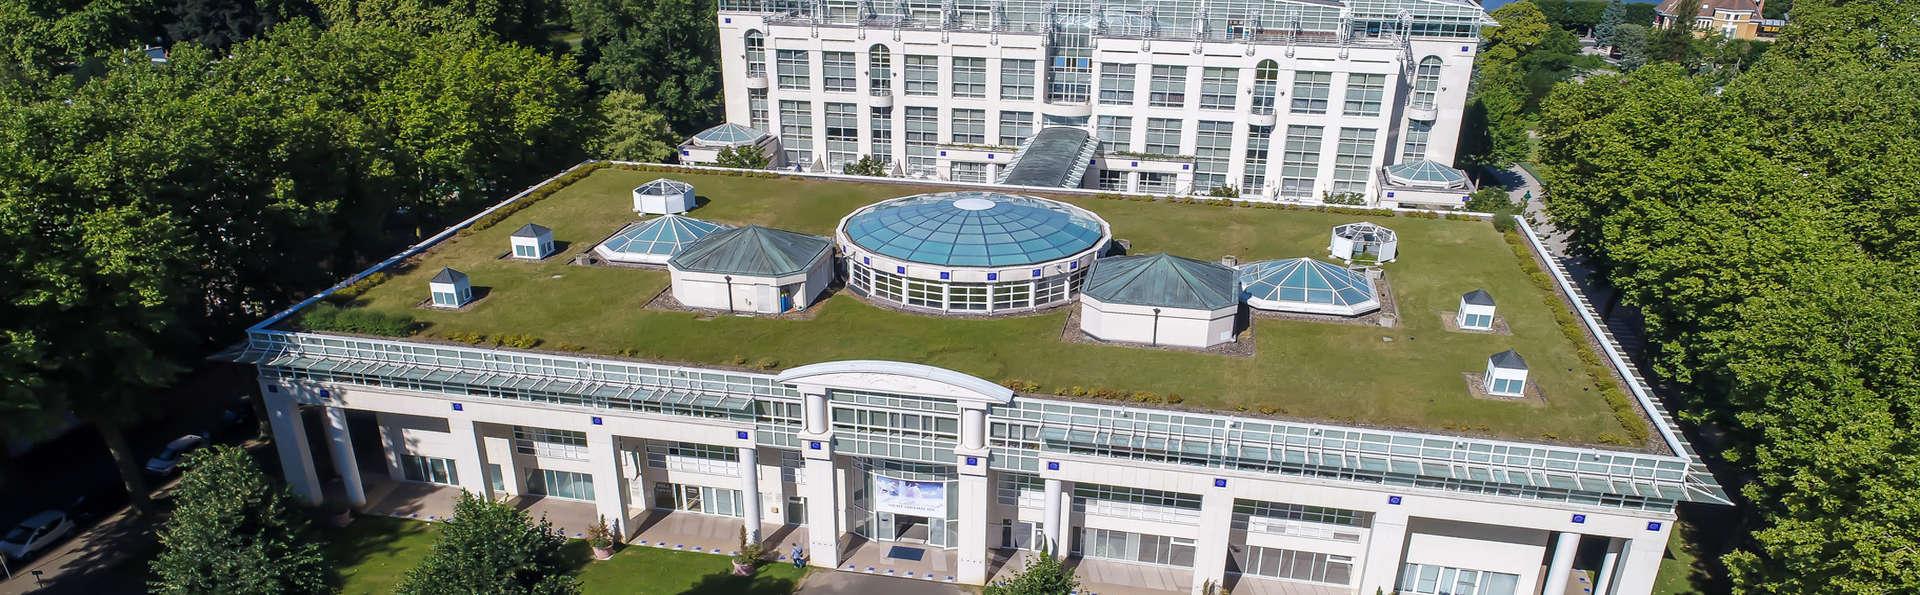 Séjour bien-être à Vichy, dans hôtel 5 étoiles avec accès au plus grand Spa Thermal d'Europe